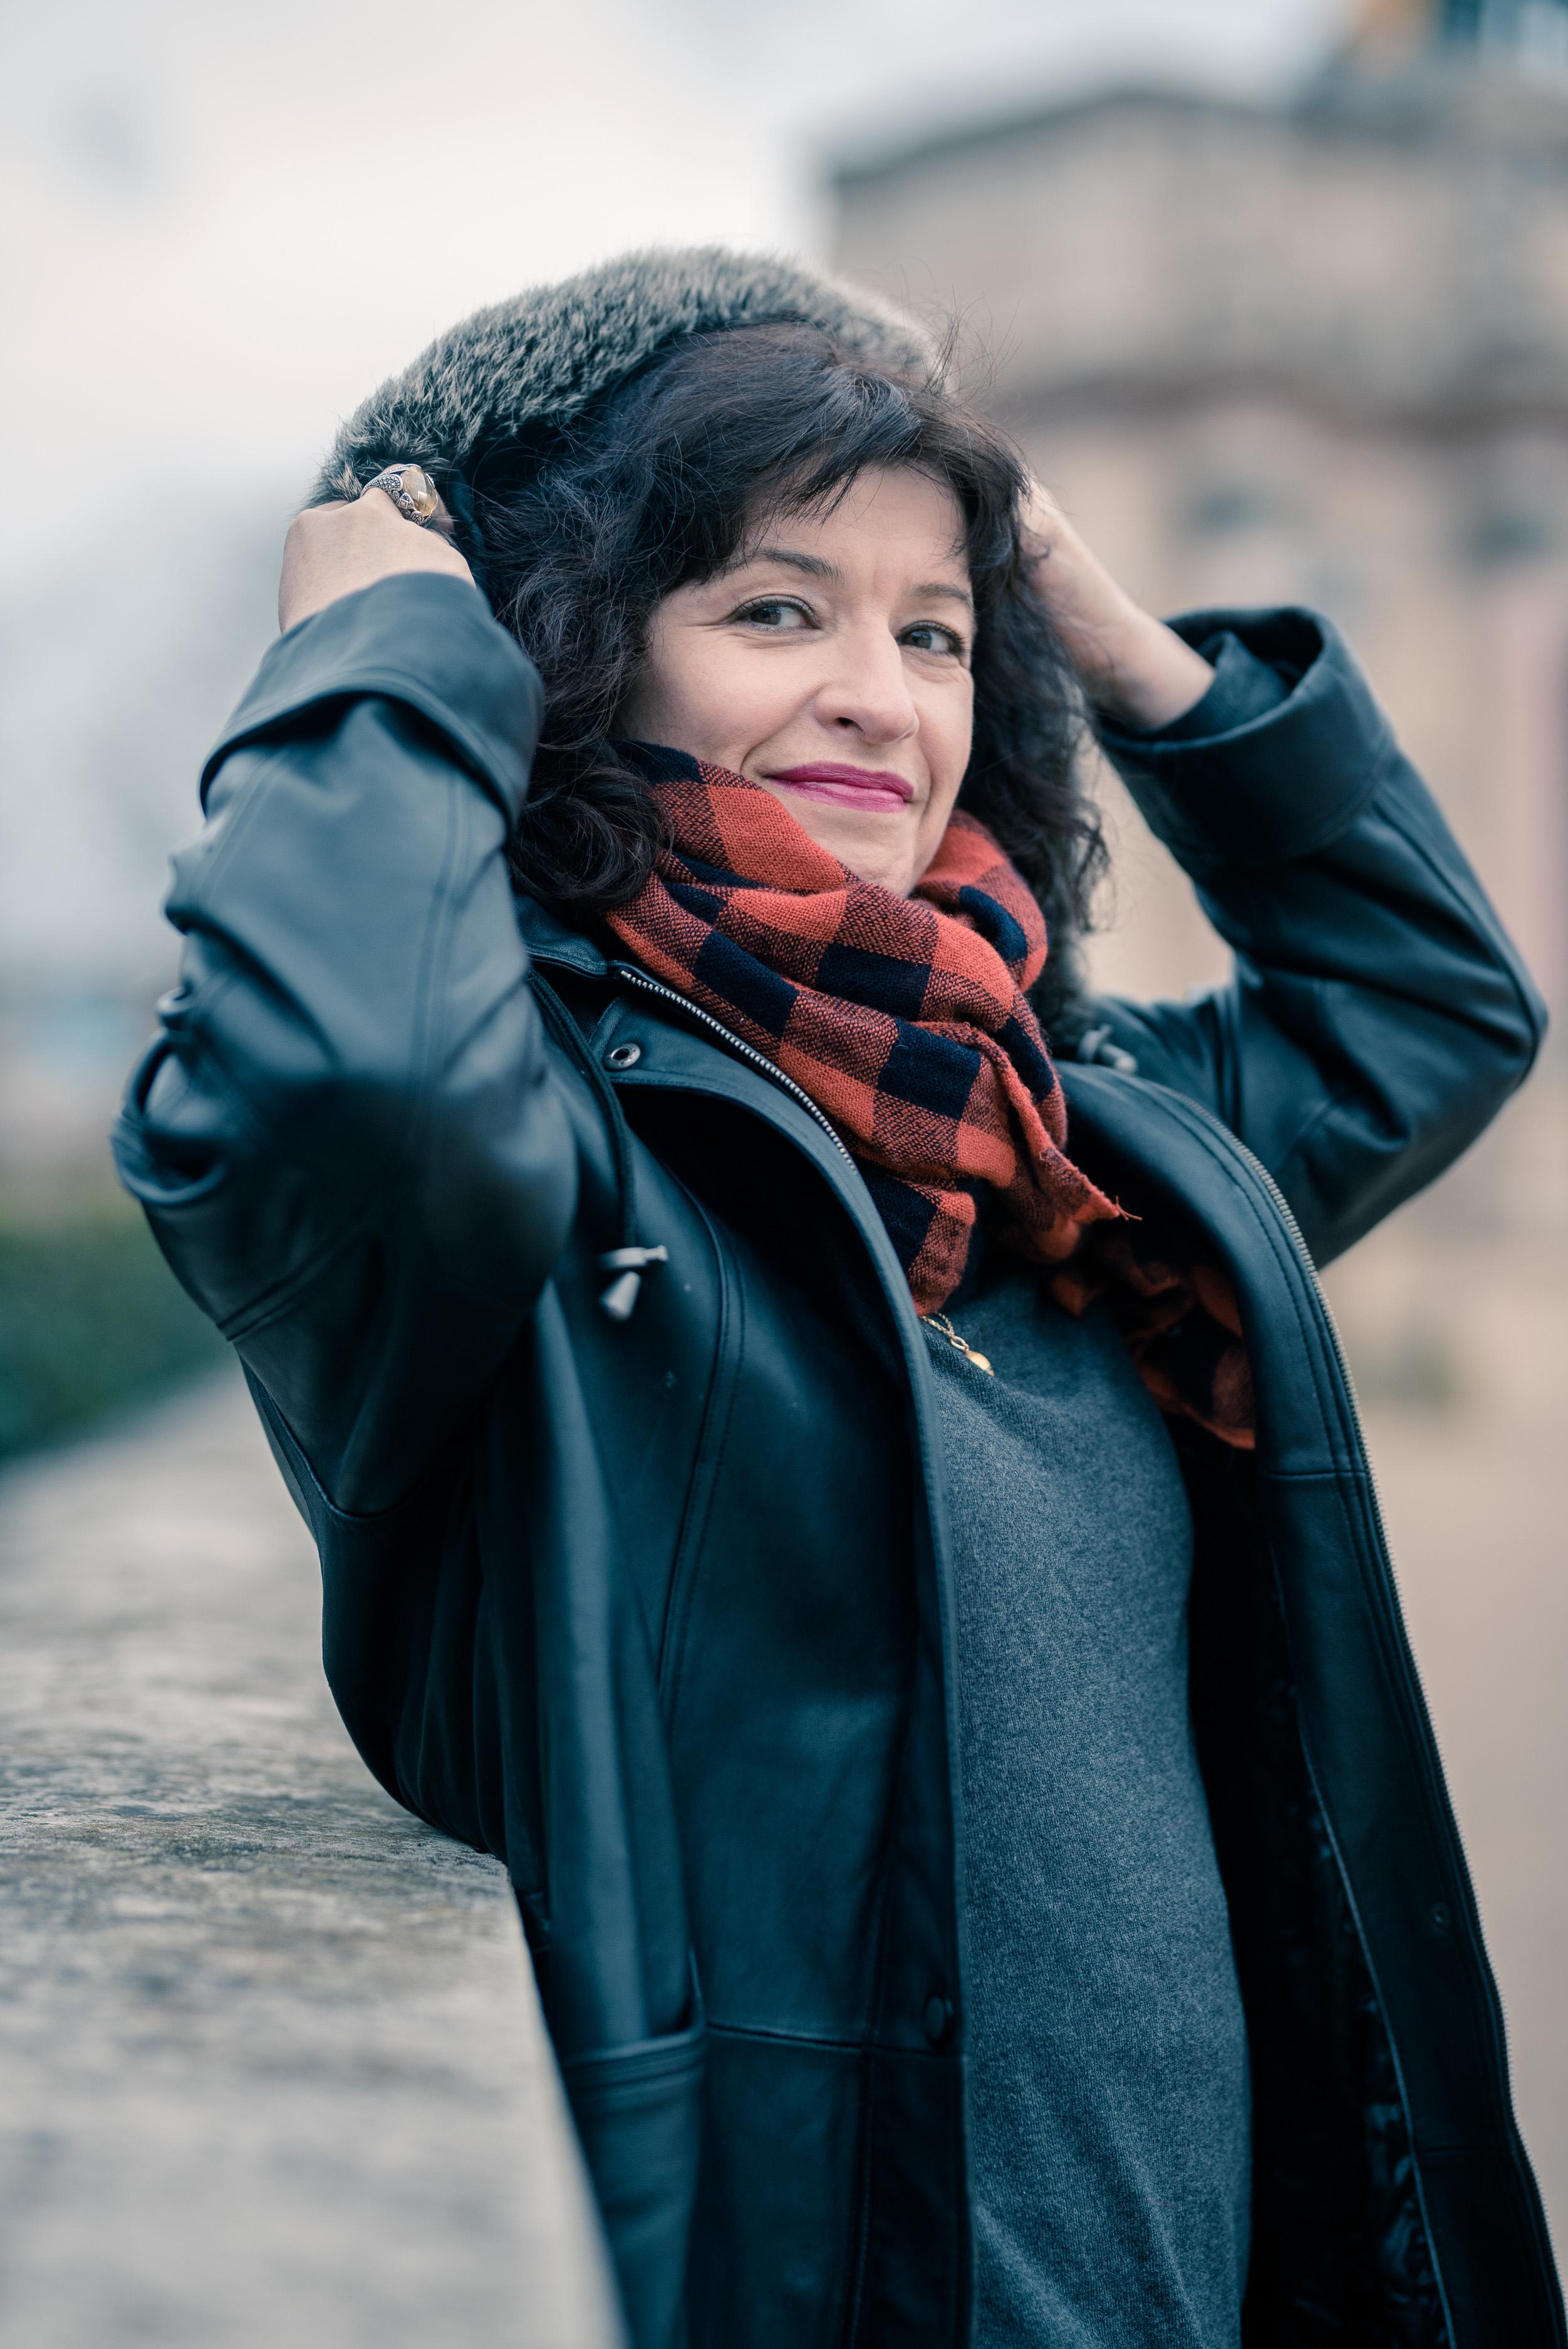 Yelena Matusevitch